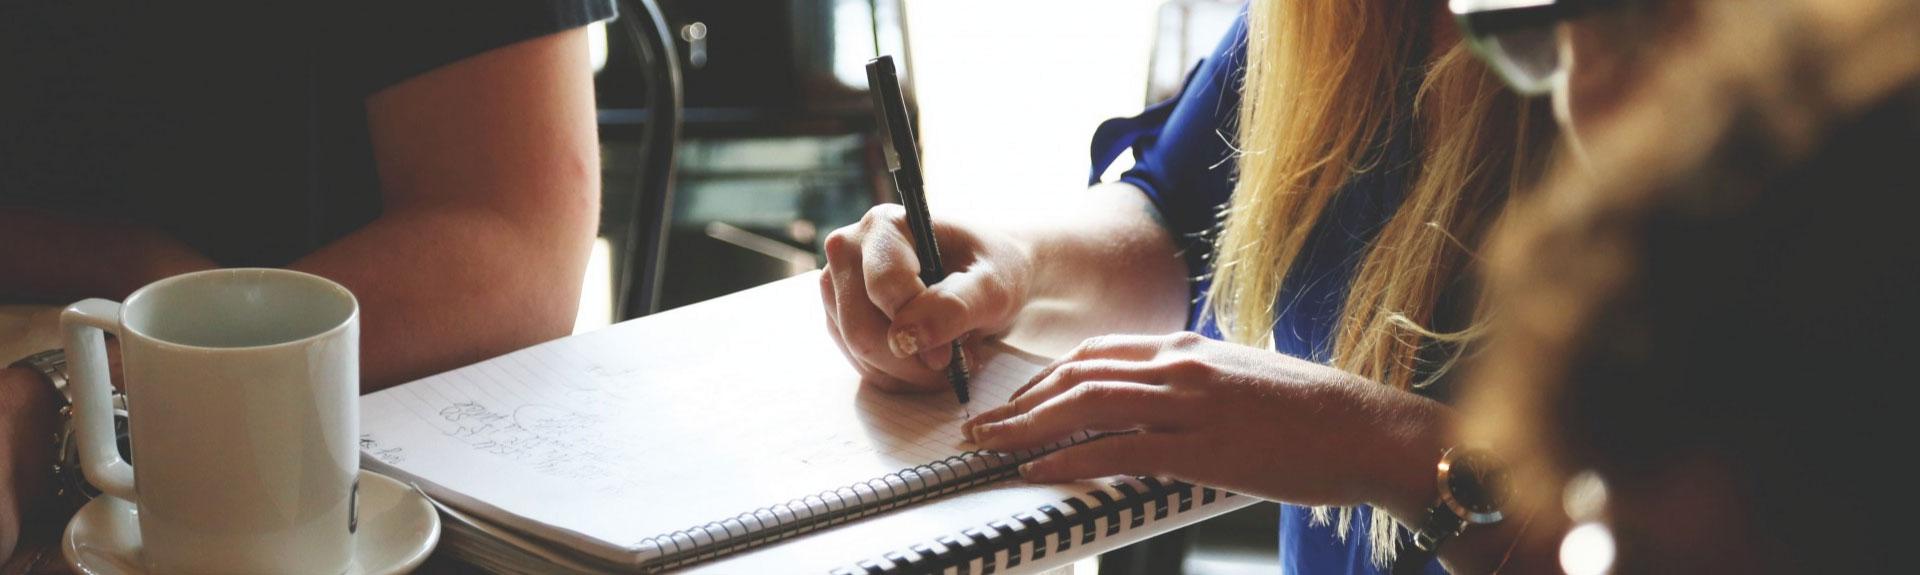 Nuove generazioni in azienda: una sfida